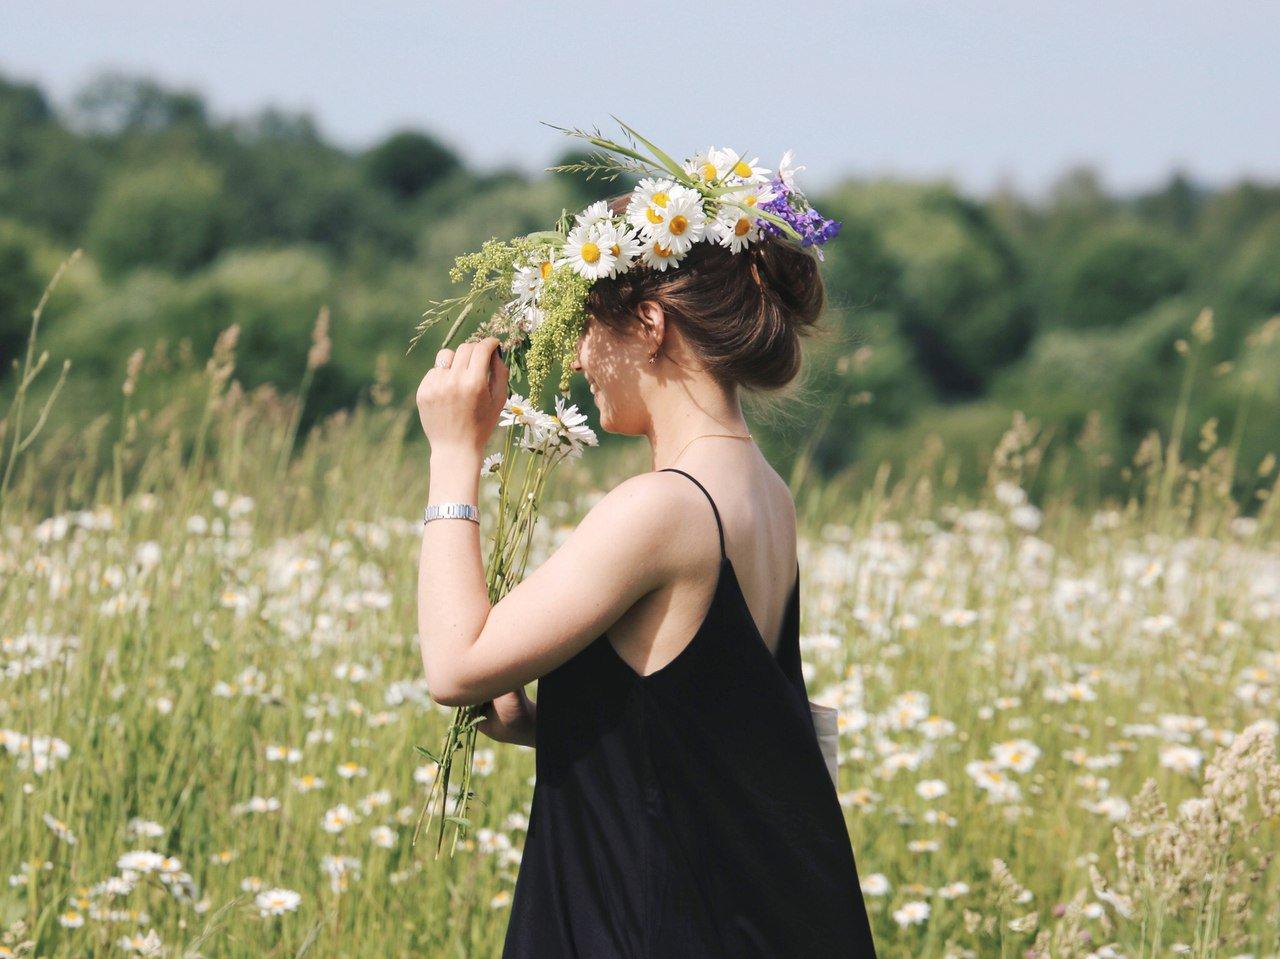 Картинки девушка с ромашками со спины